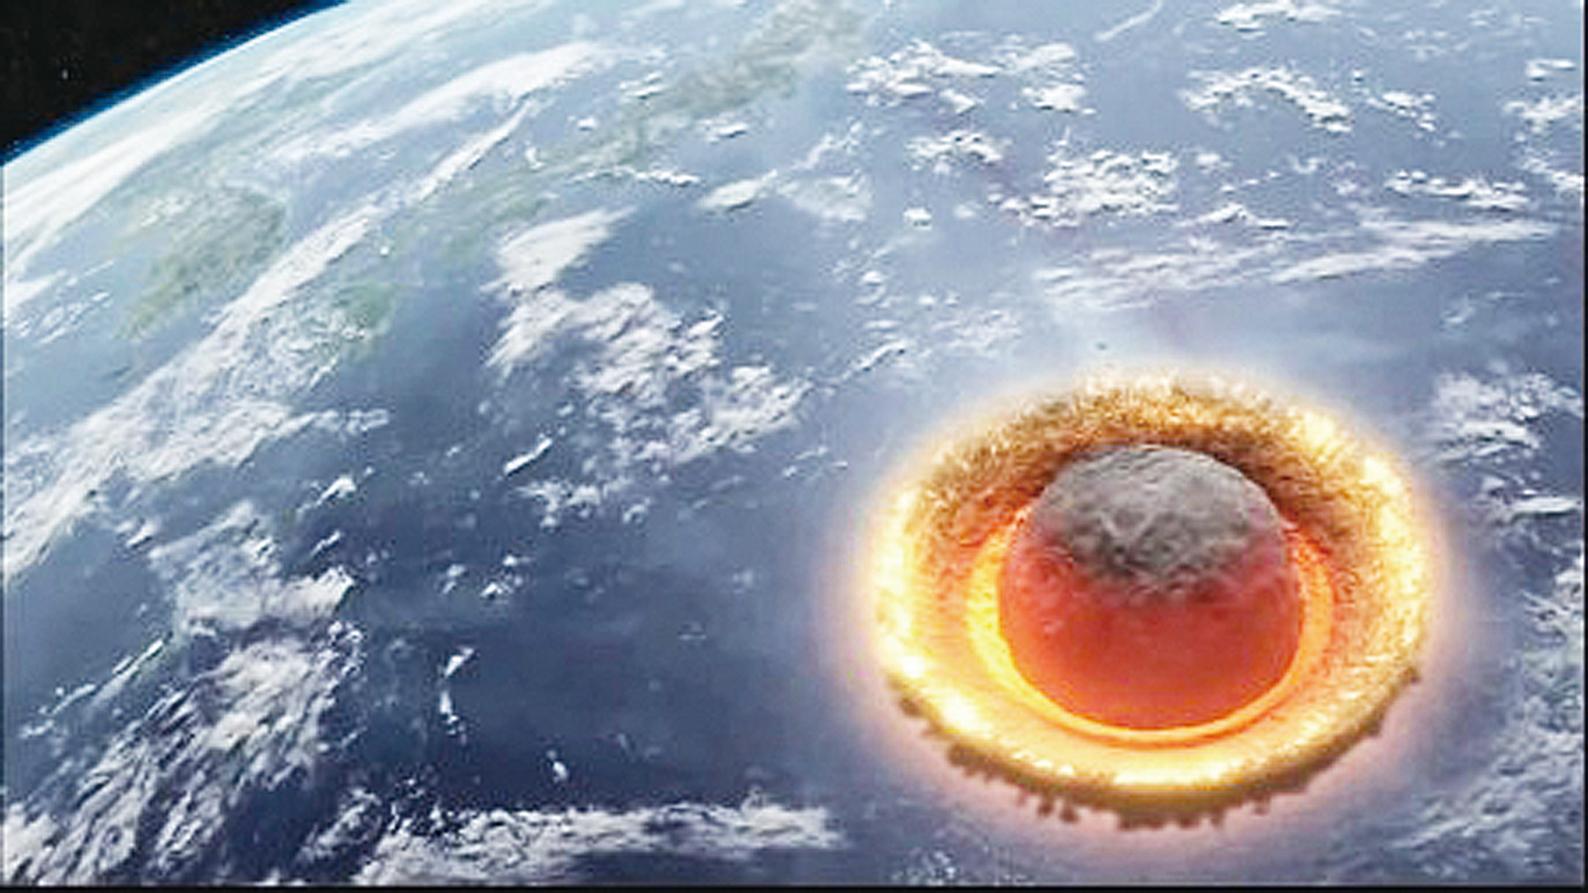 小行星撞擊地球模擬圖。 (視頻截圖)